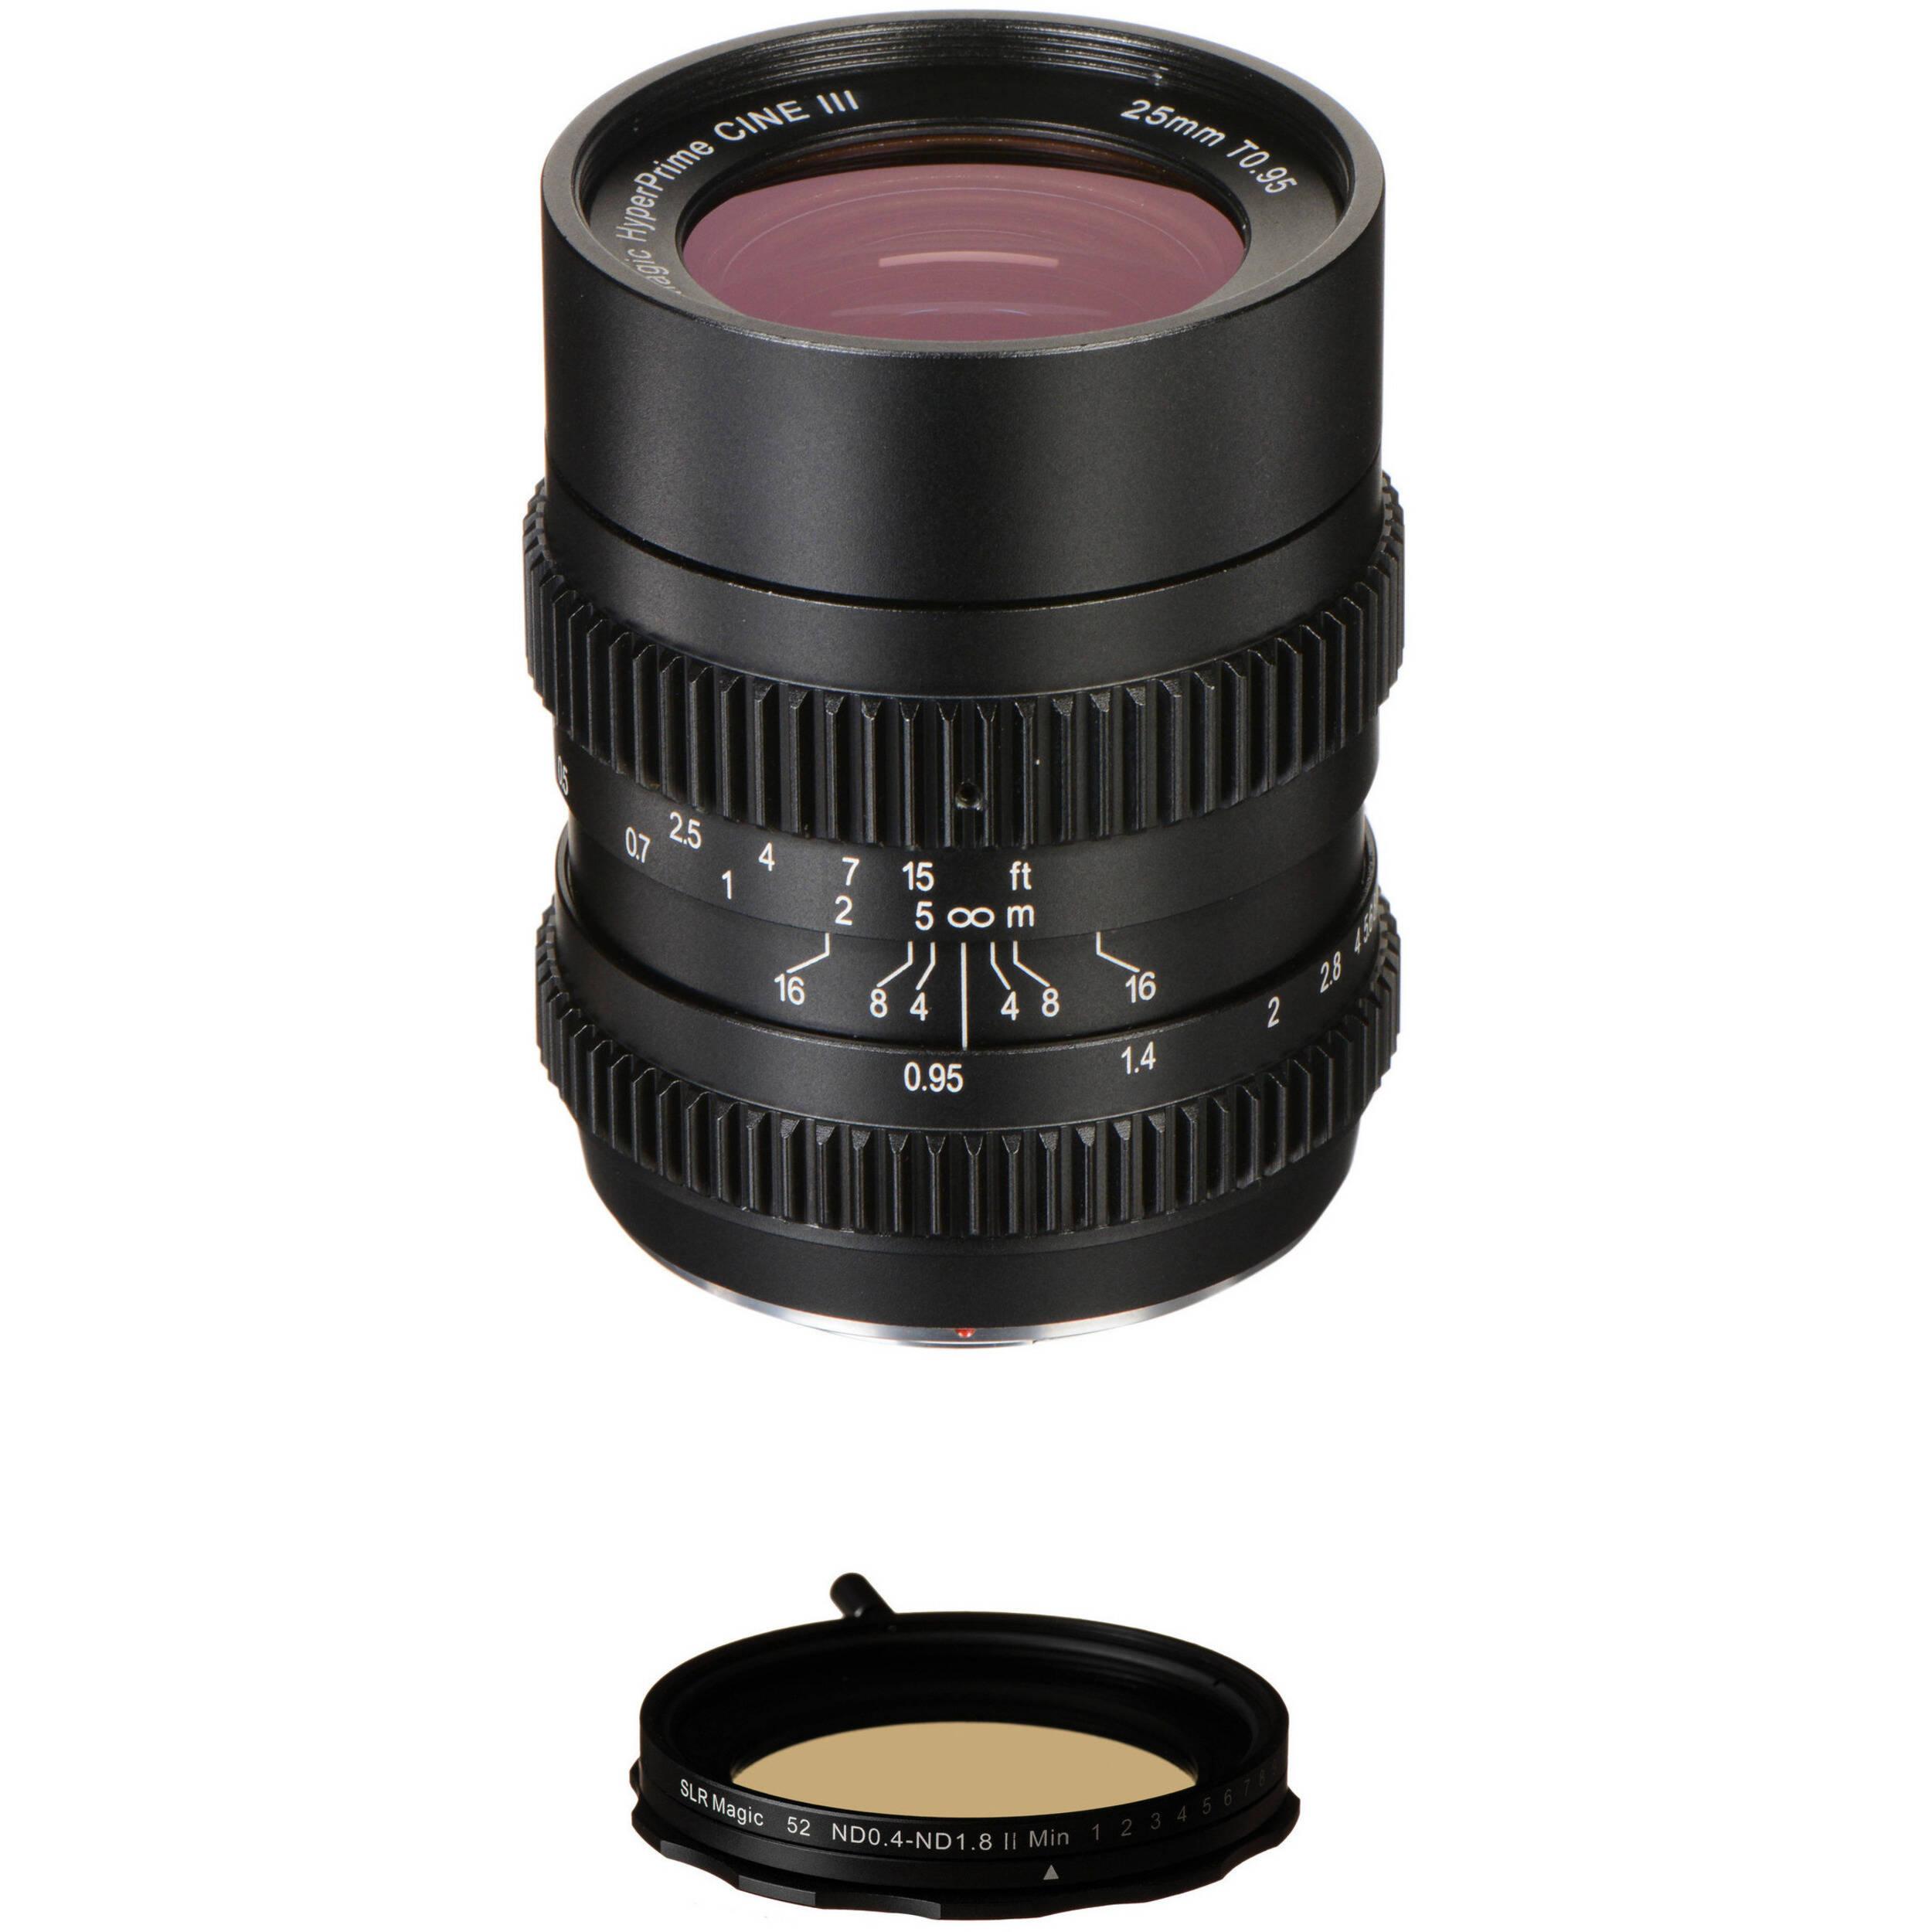 SLR Magic 25mm T0 95 HyperPrime Cine III Lens and Variable ND Kit